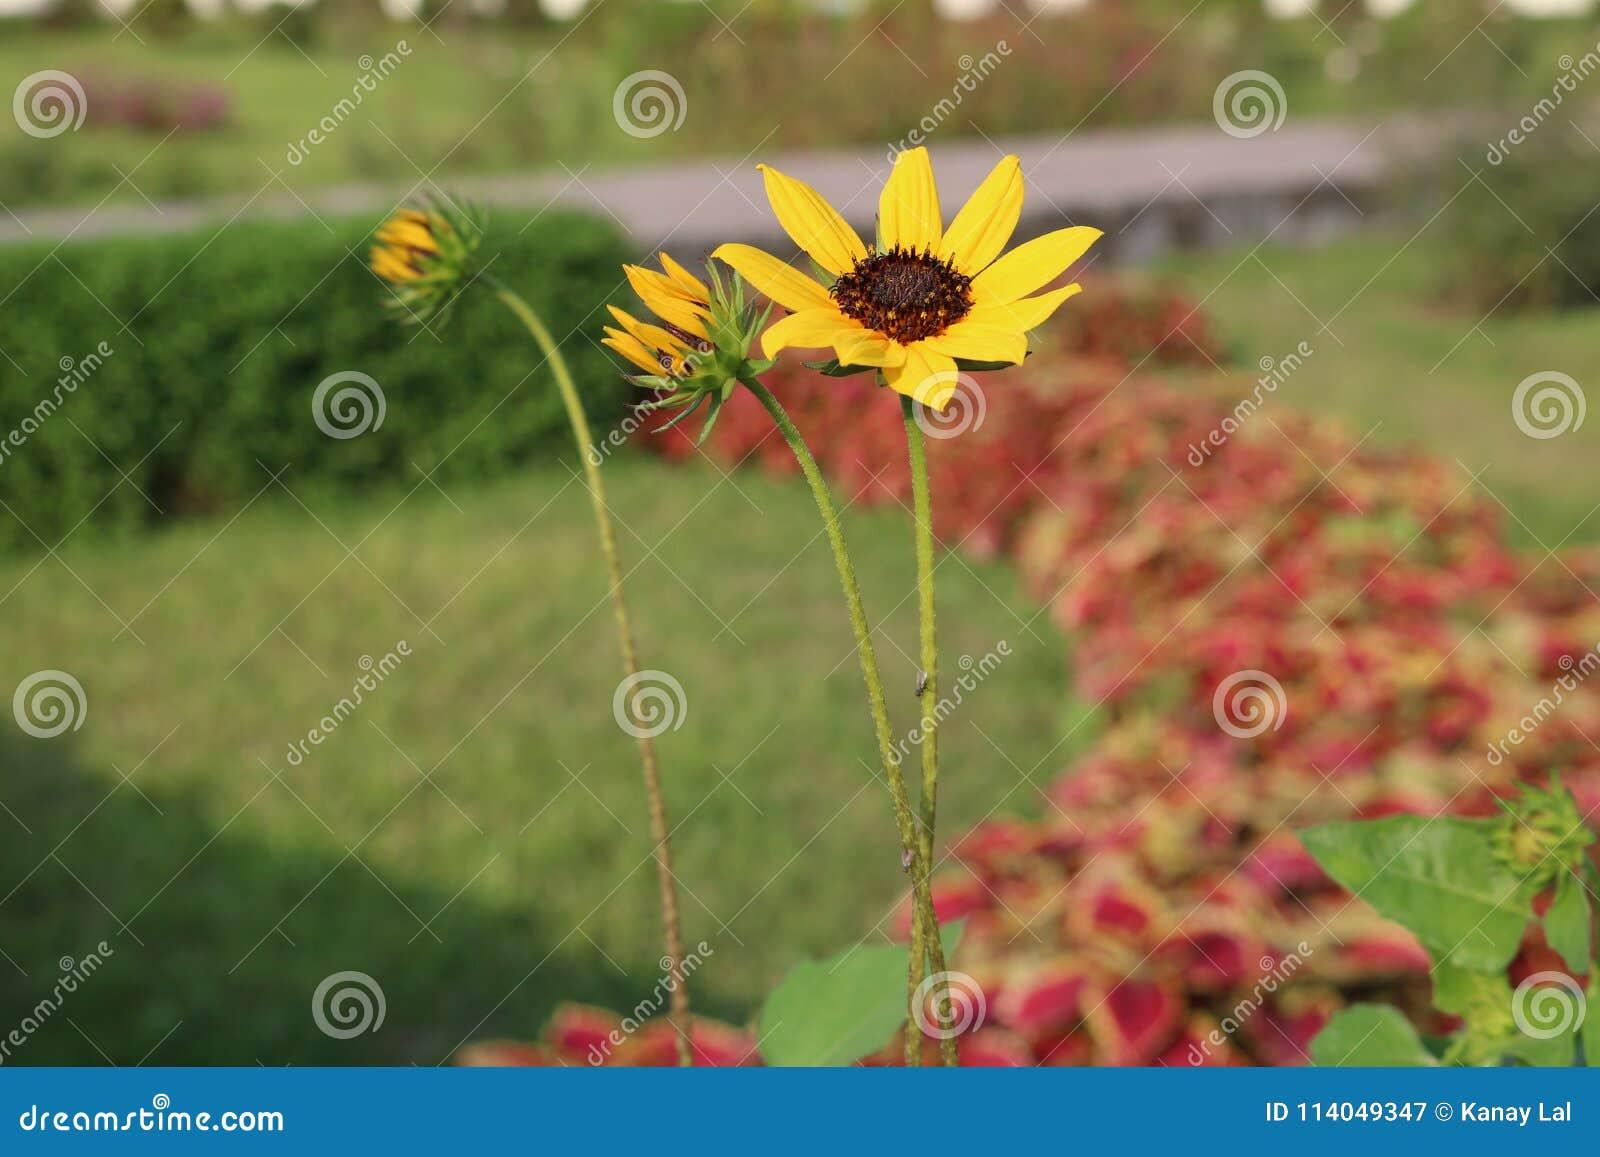 孟加拉国的庭院美丽的矮小的黄色向日葵